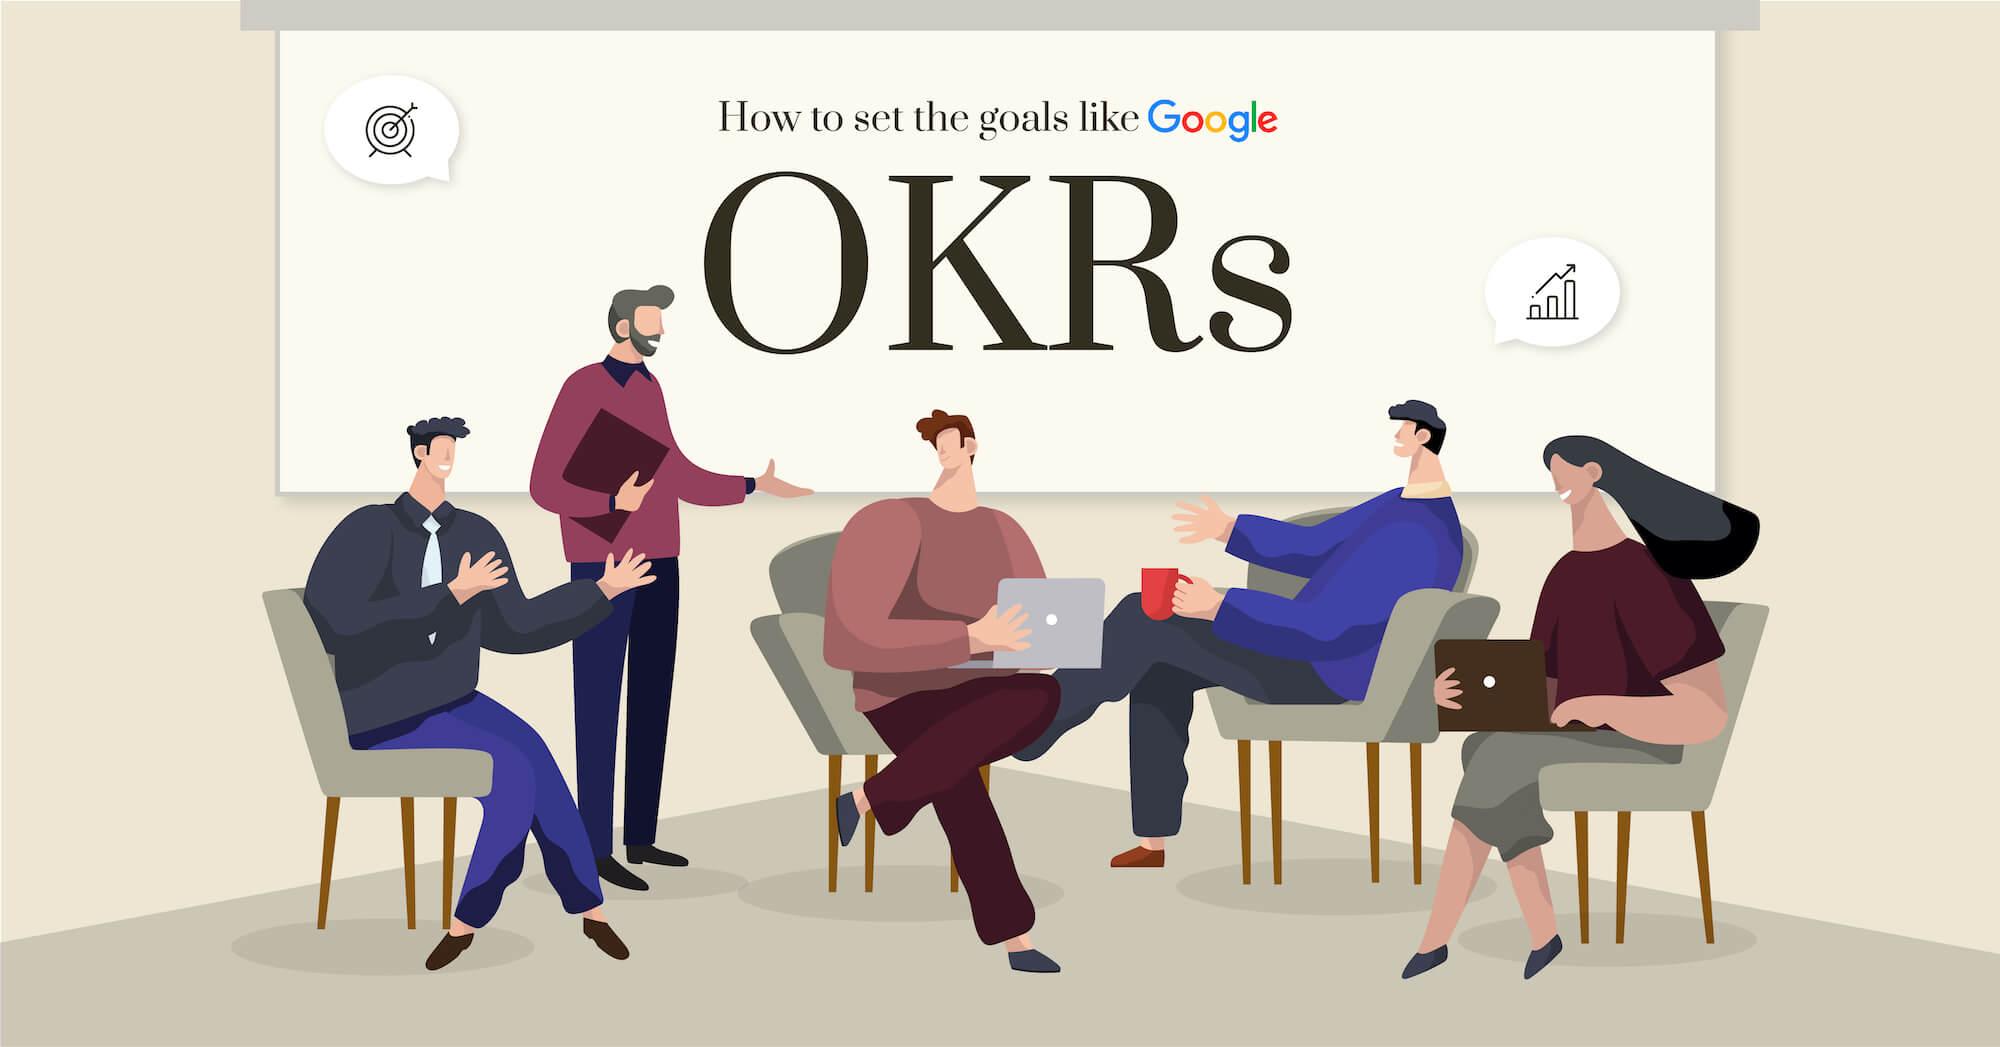 ตั้งเป้าธุรกิจให้โตด้วย OKRs วิธีคิดจาก Google